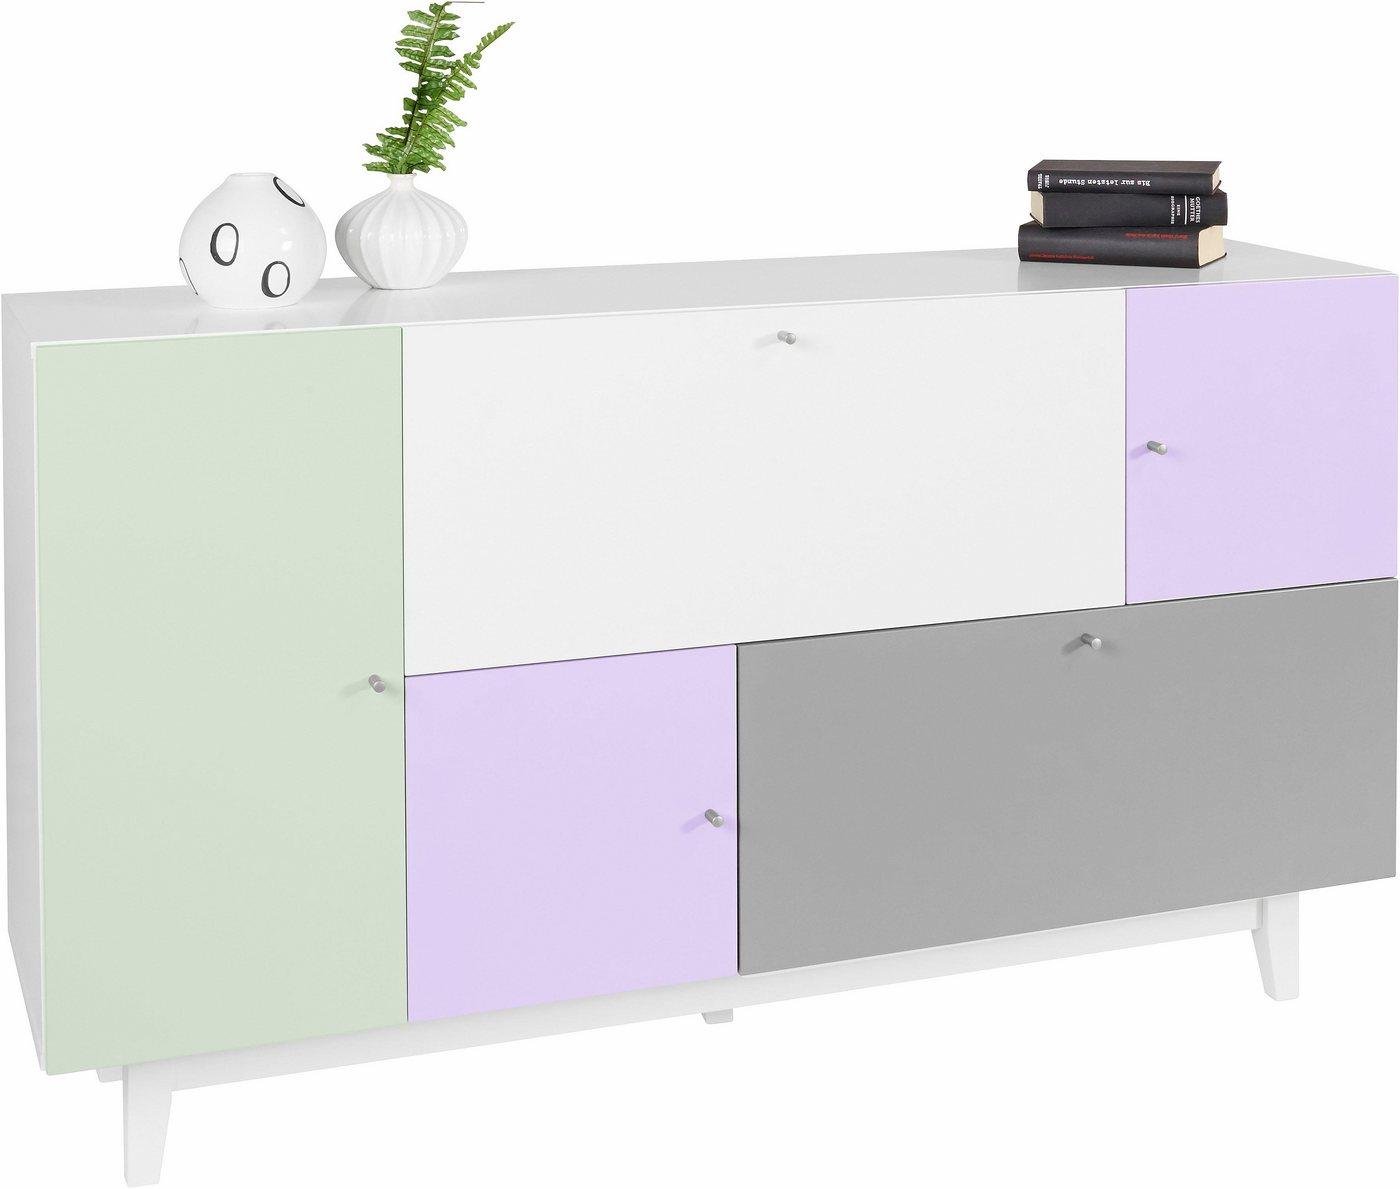 HOME AFFAIRE dressoir Malibu, breedte 150 cm